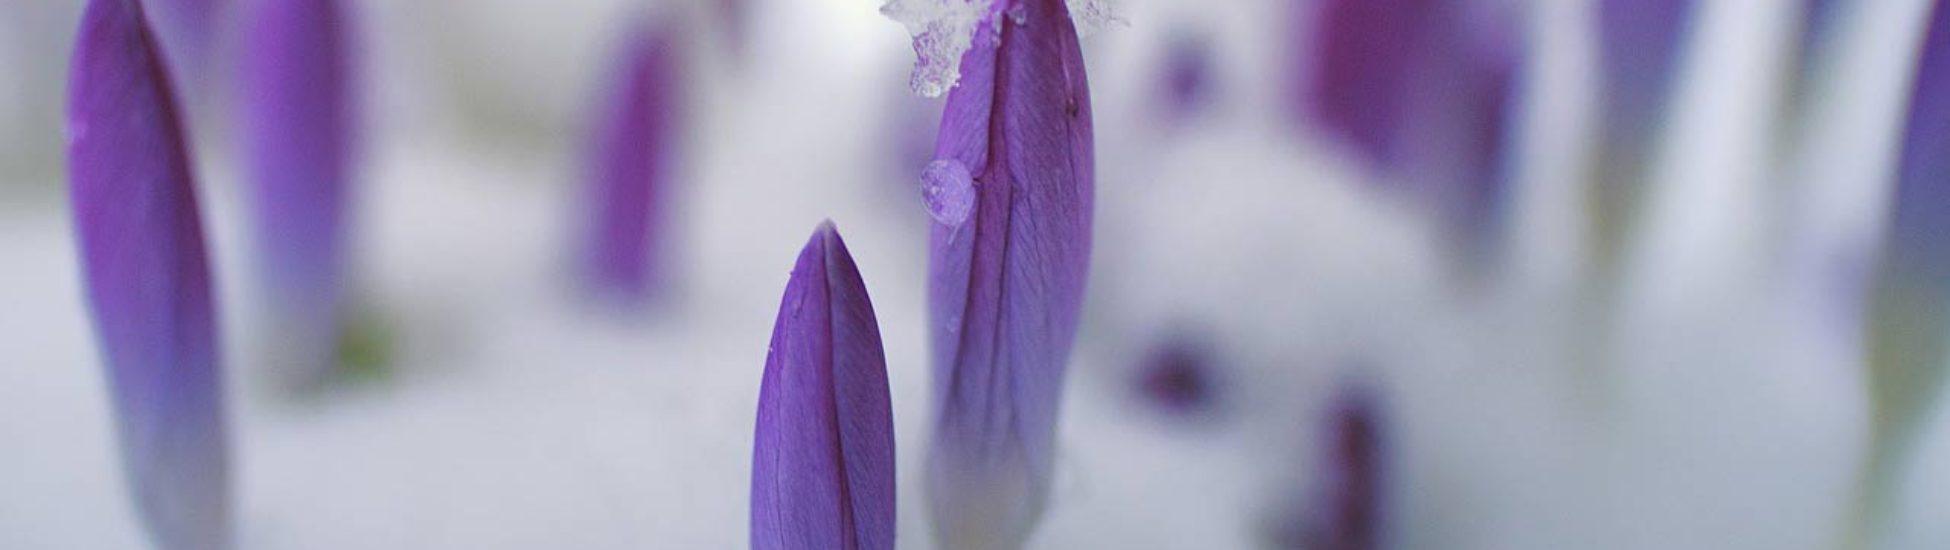 marzo-telares-miniatura